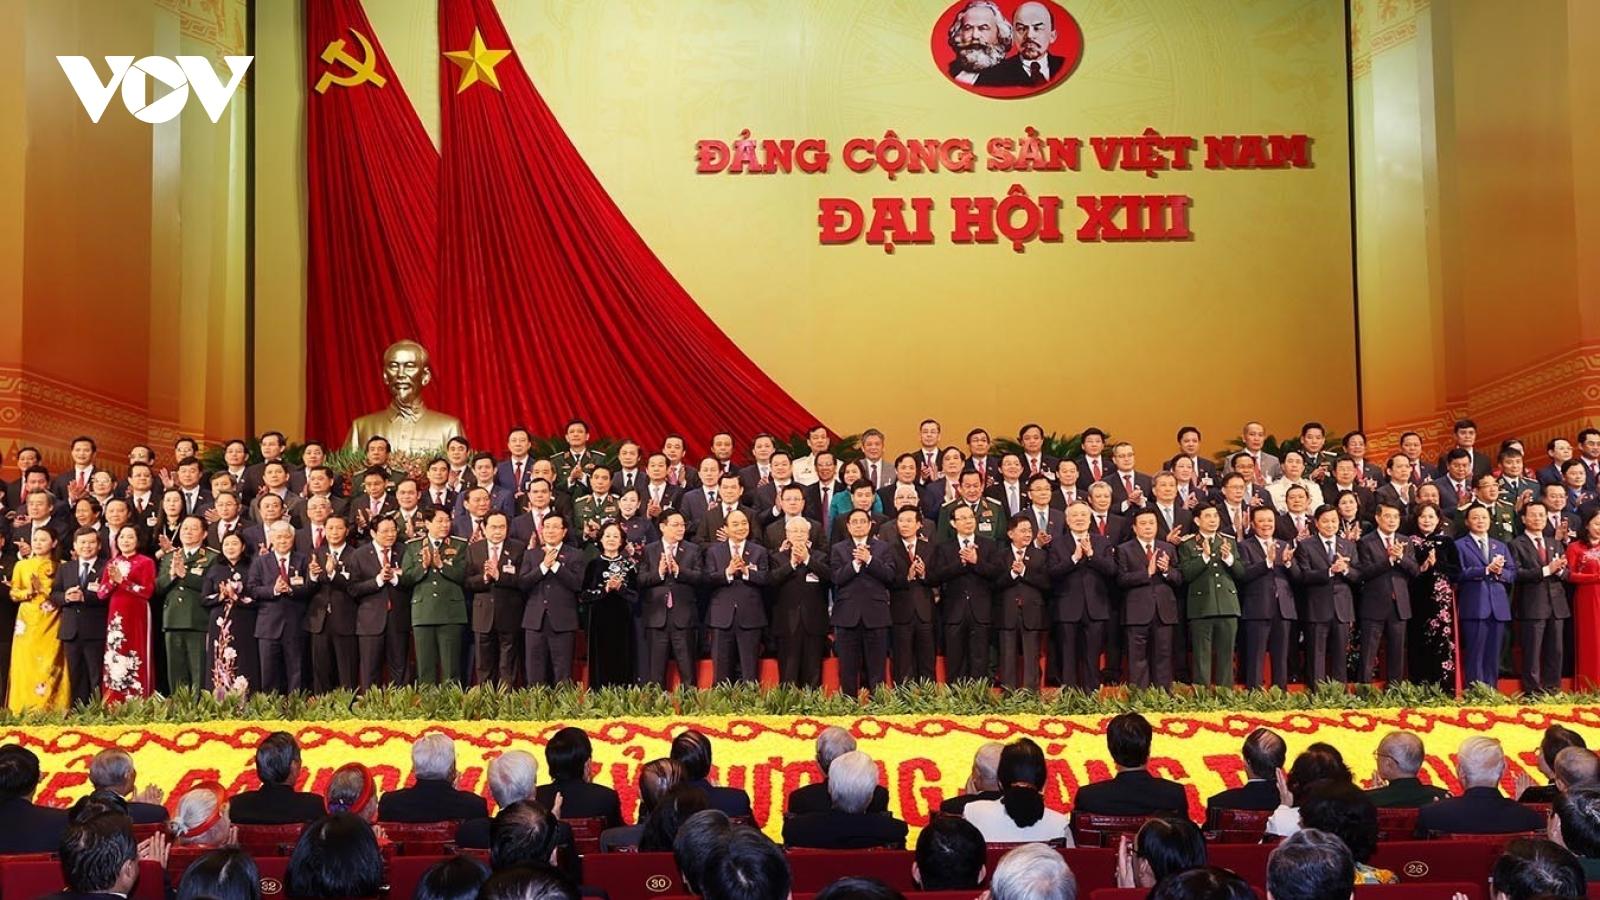 Nhân dân trông mong đội ngũ rường cột tự trọng và kiêu hãnh!